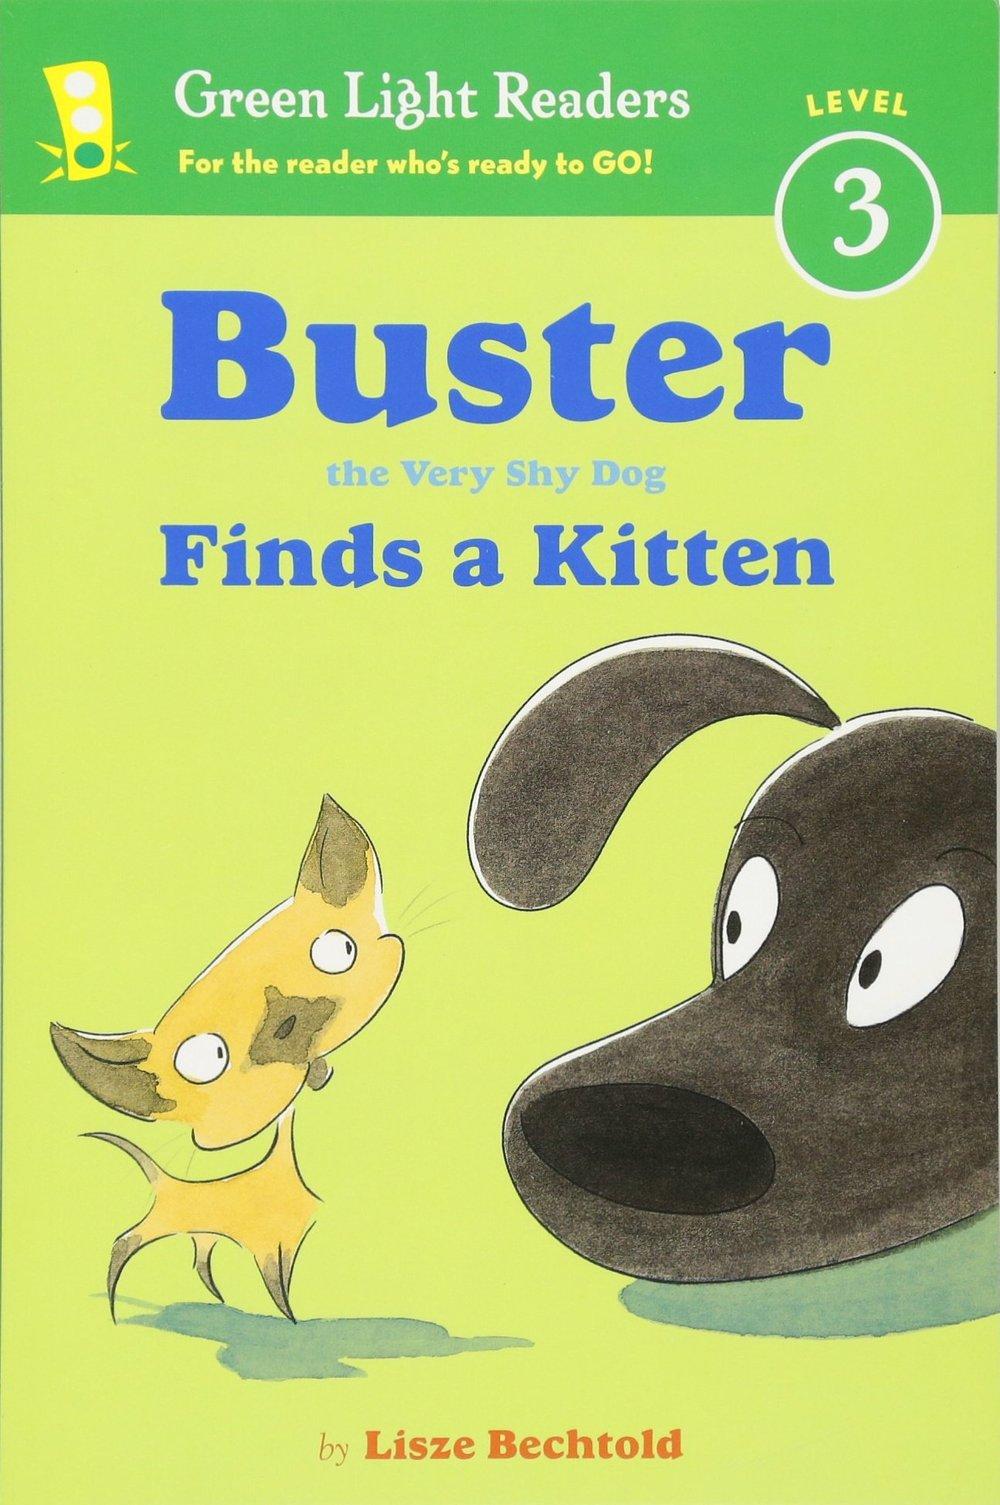 buster finds a kitten.jpg